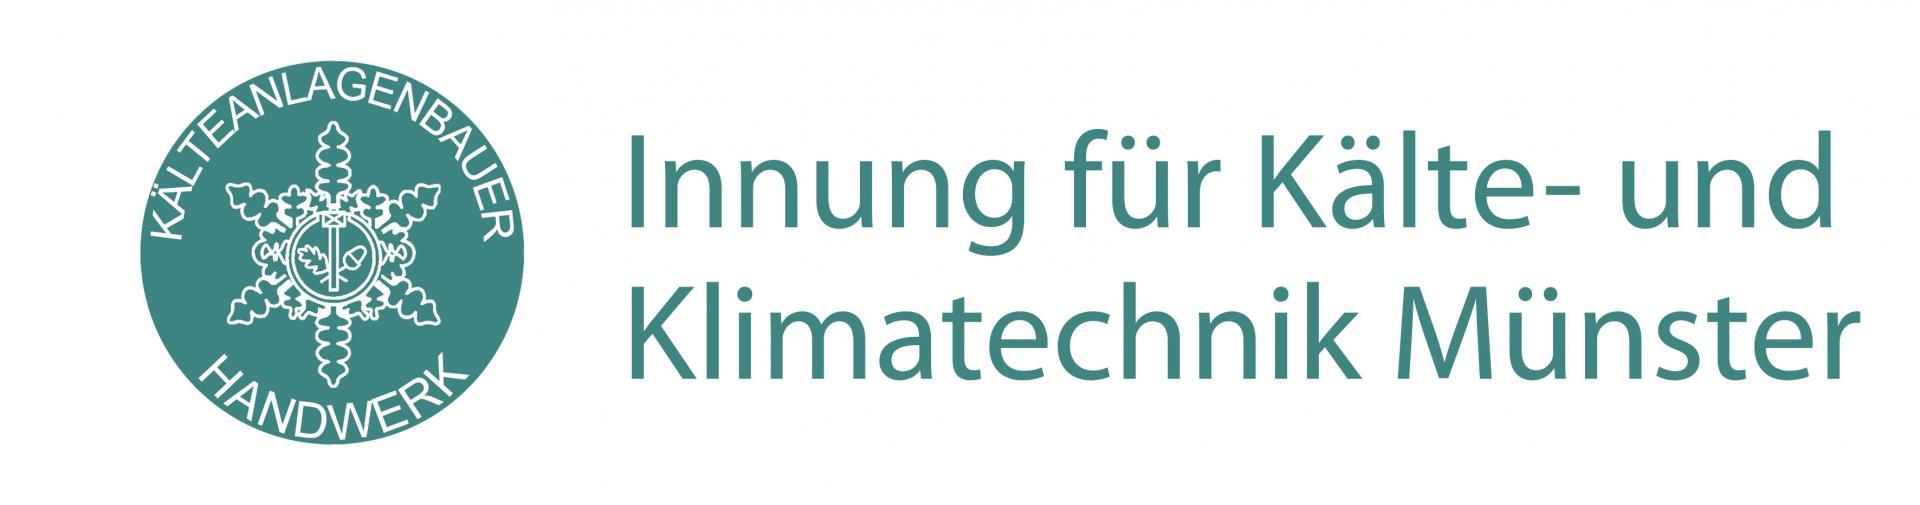 Innung für Kälte‐ und Klimatechnik Münster